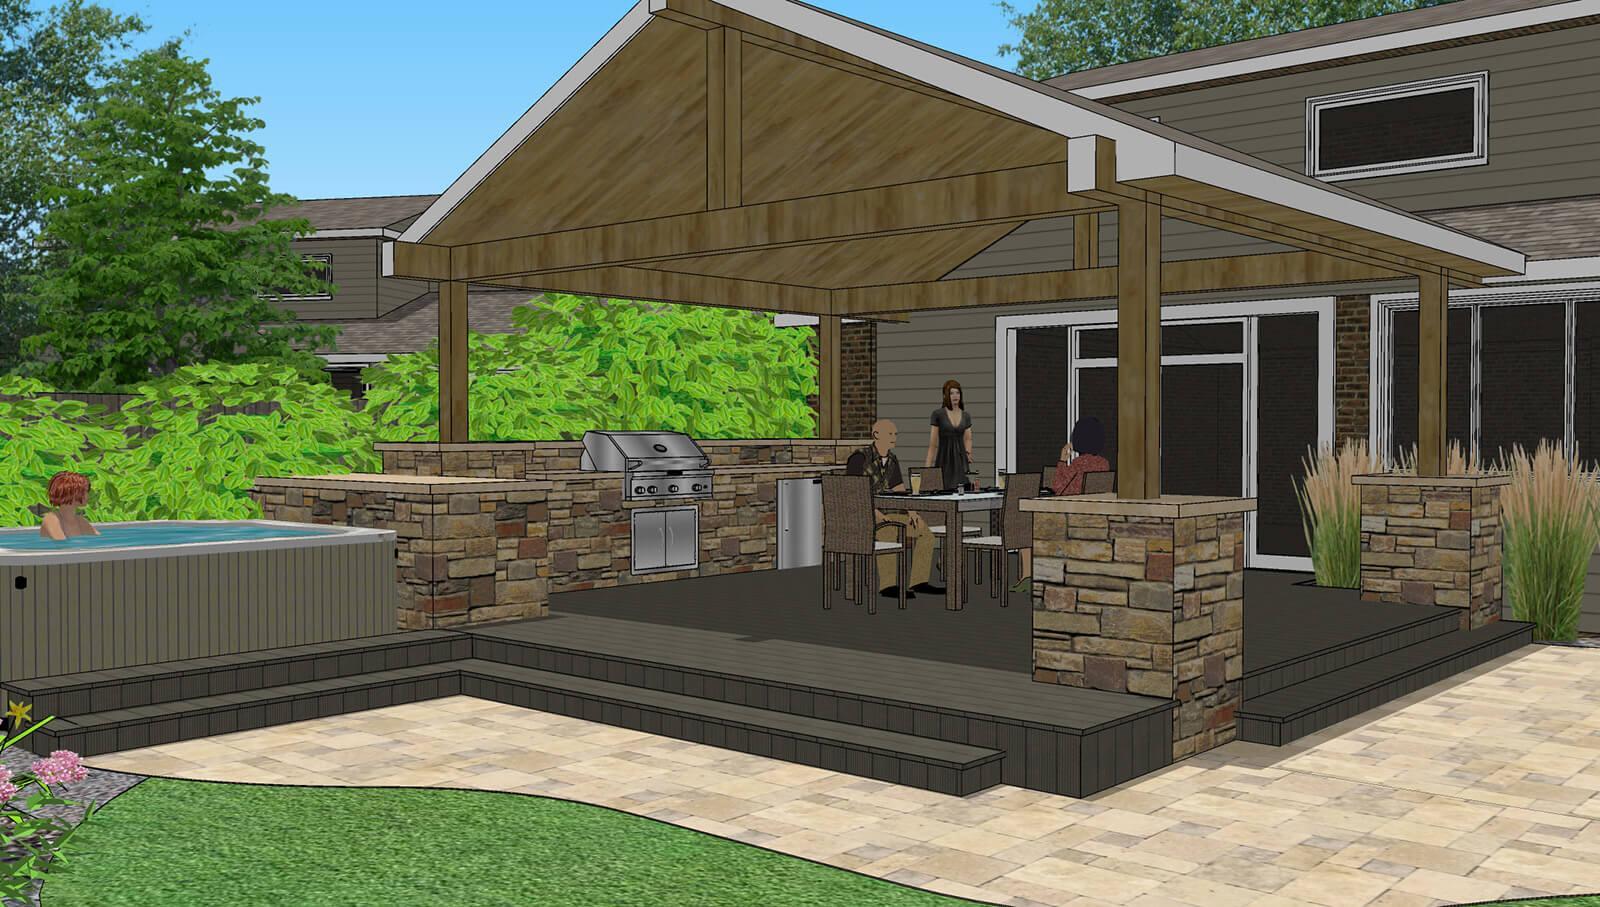 Architectural Landscape Design - Denver Colorado ... on Elite Landscape And Outdoor Living id=20674